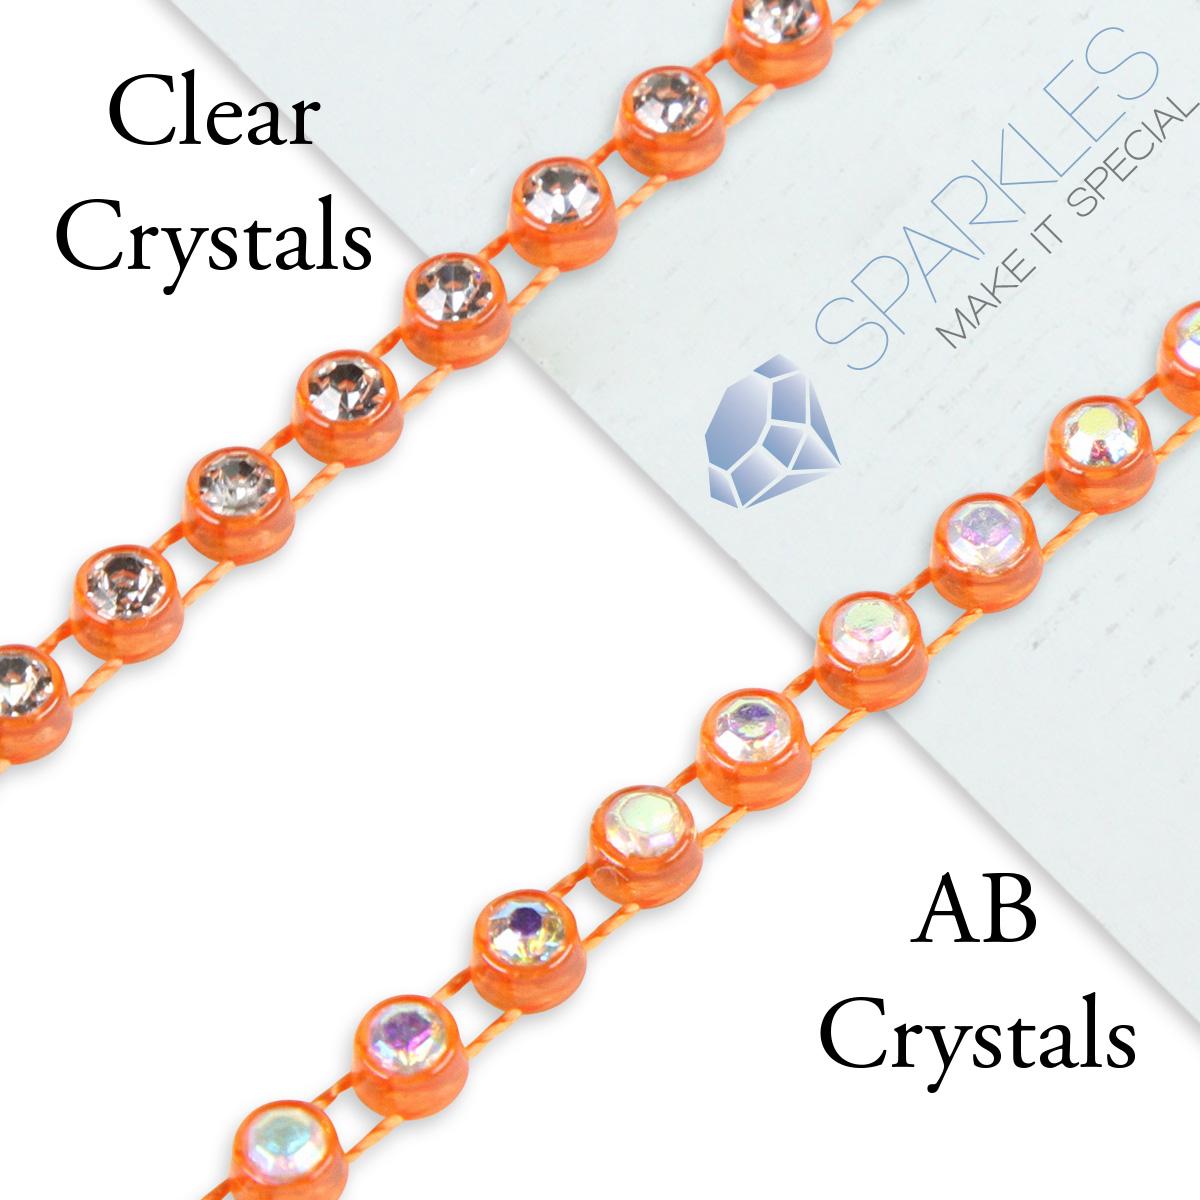 10-Yard-SS10-AB-Clear-Crystal-Rhinestone-Banding-Trim-Chain-Roll-Decor-Color